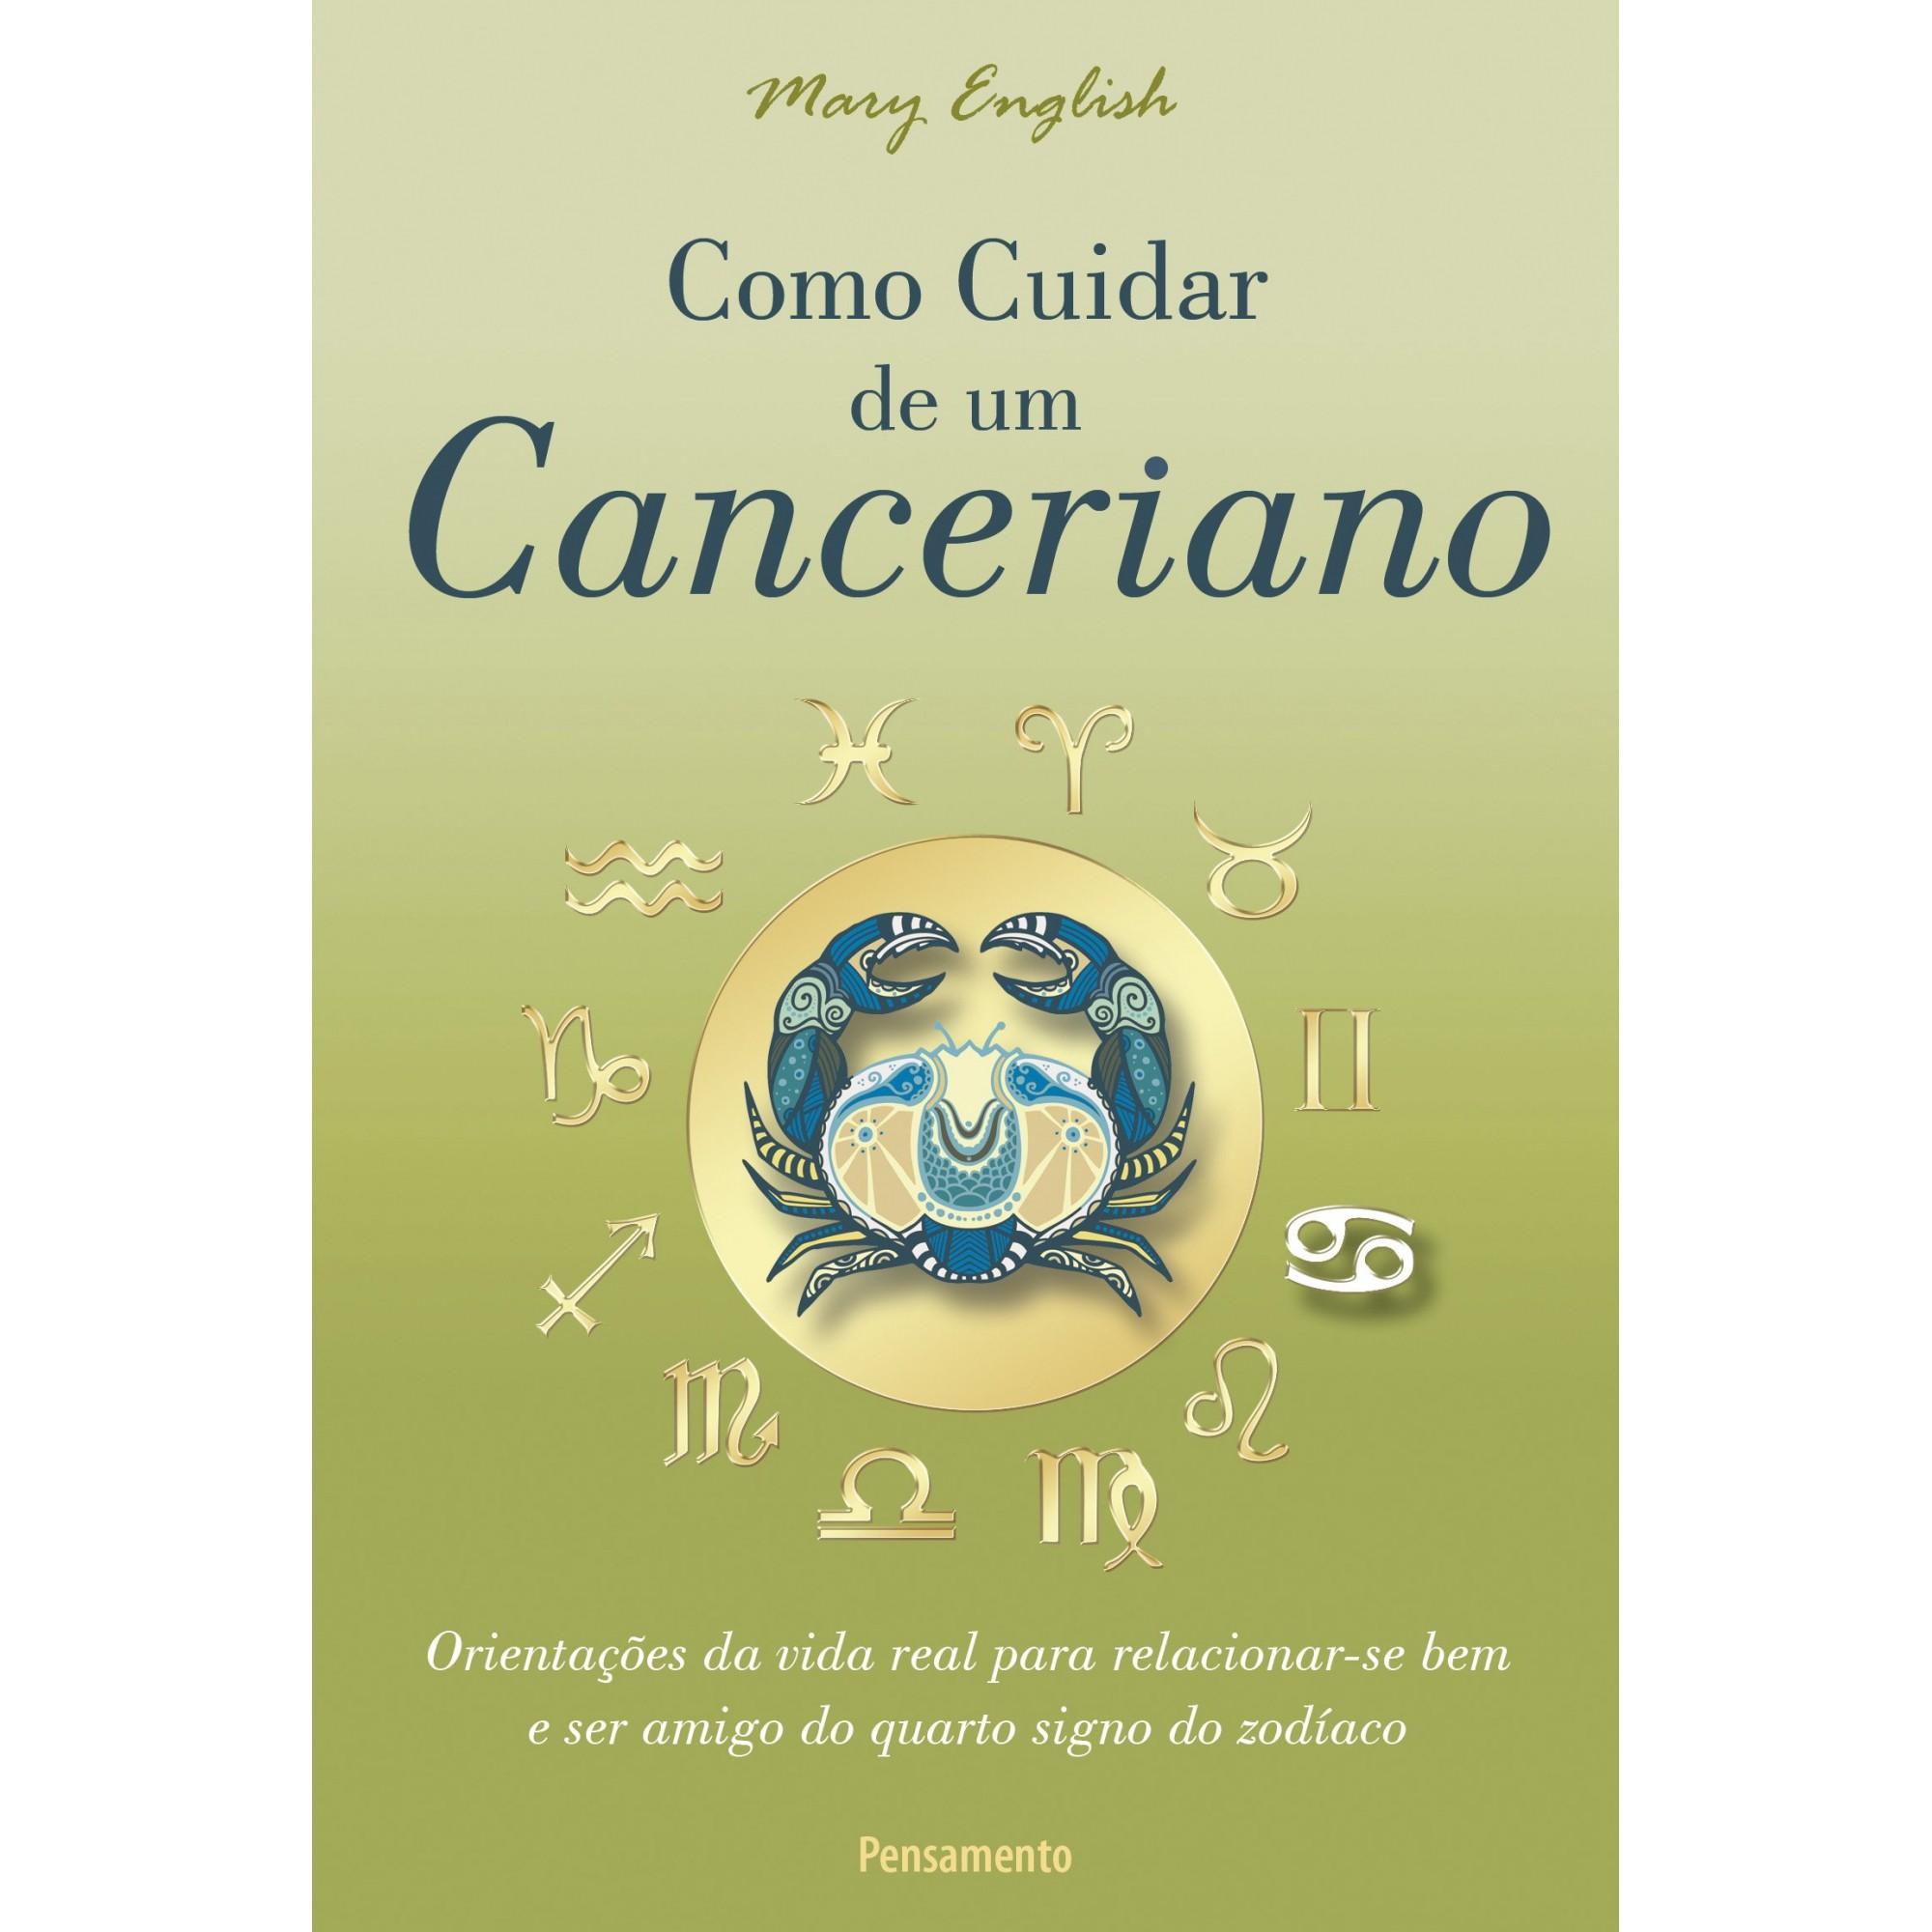 Como Cuidar de UM Canceriano: Orientacoes da Vida Real para RELACIONAR-SE BEM e SER Amigo do Quarto Signo do Zodiaco